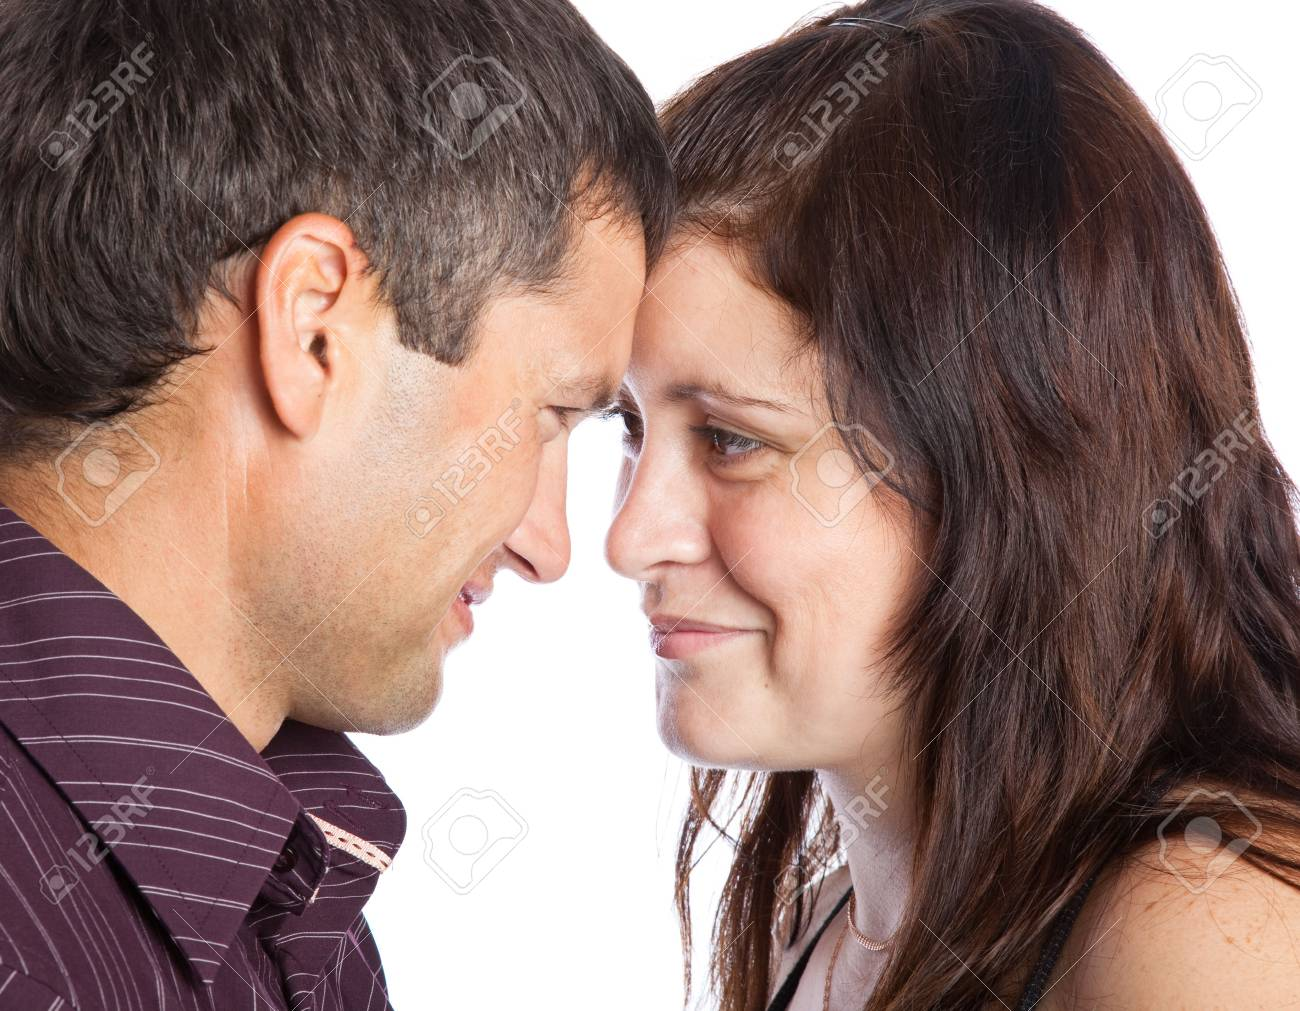 Happy loving couple. Isolated on white background Stock Photo - 5069860